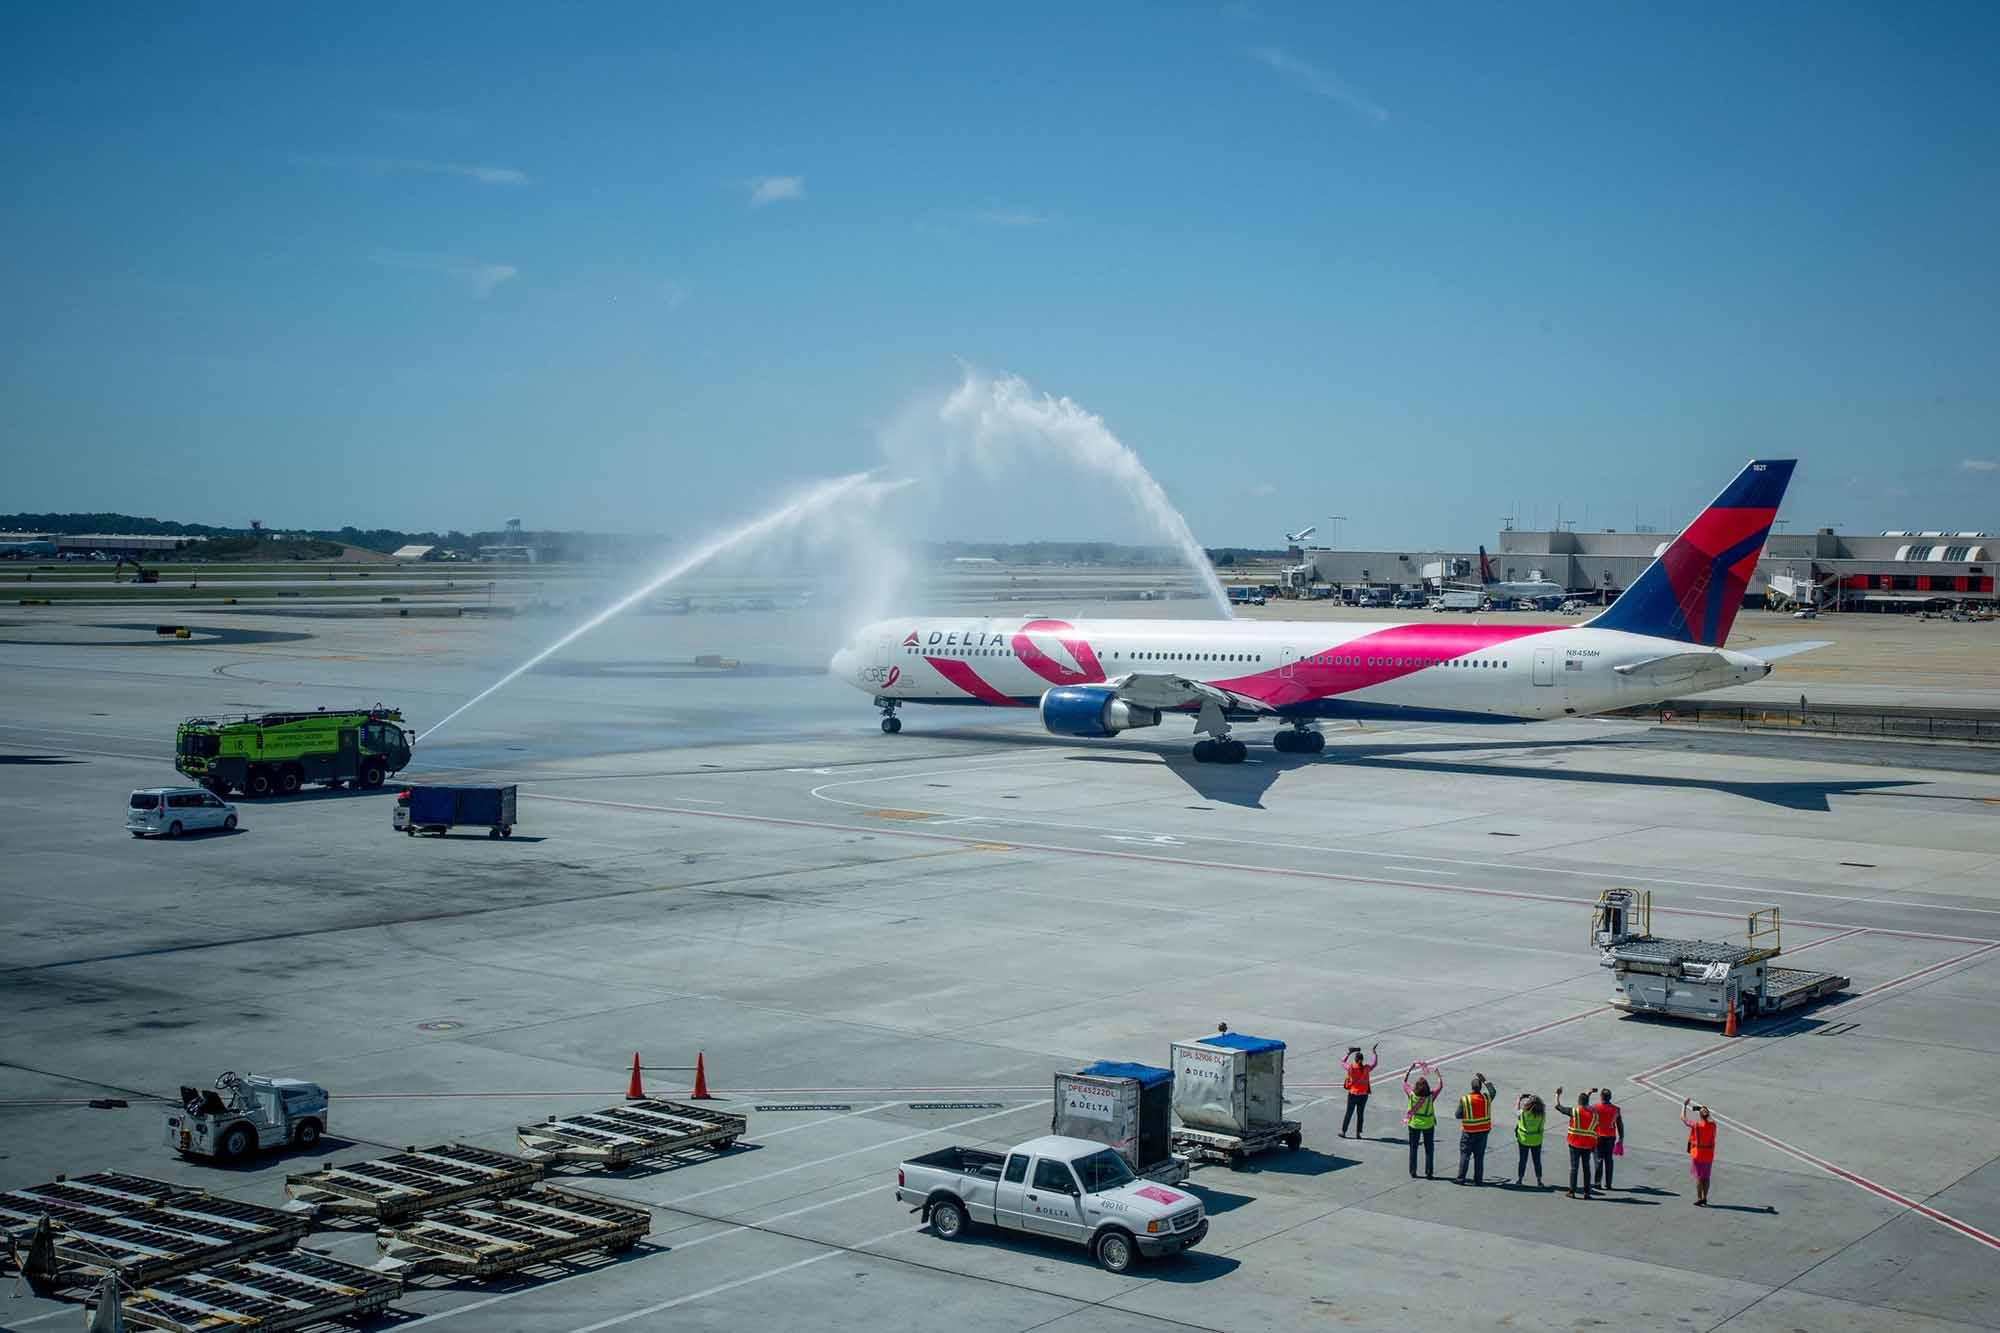 Bereits seit 2005 arbeitet Delta mit der Breast Cancer Research Foundation (BCRF) zusammen. In Kooperation mit der gemeinnützigen Organisation, die sich der Forschung zur Bekämpfung von Brustkrebs verschrieben hat, führte die Fluggesellschaft im Oktober den 15. 'Breast Cancer One' Flug für Mitarbeiter, die Brustkrebs überlebt haben, durch. Dieses Jahr verband die Airline Atlanta und San Diego im Rahmen der Aktion und sammelte insgesamt mehr als 25.000 USD Spendengelder. Dabei setzte Delta erneut das legendäre 'Pink Plane', eine Boeing 767-400ER, die rosa Elemente sowie einen BCRF-Schriftzug trägt, ein. / Foto: Delta Air Lines / © Chris Rank, Rank Studios 2019